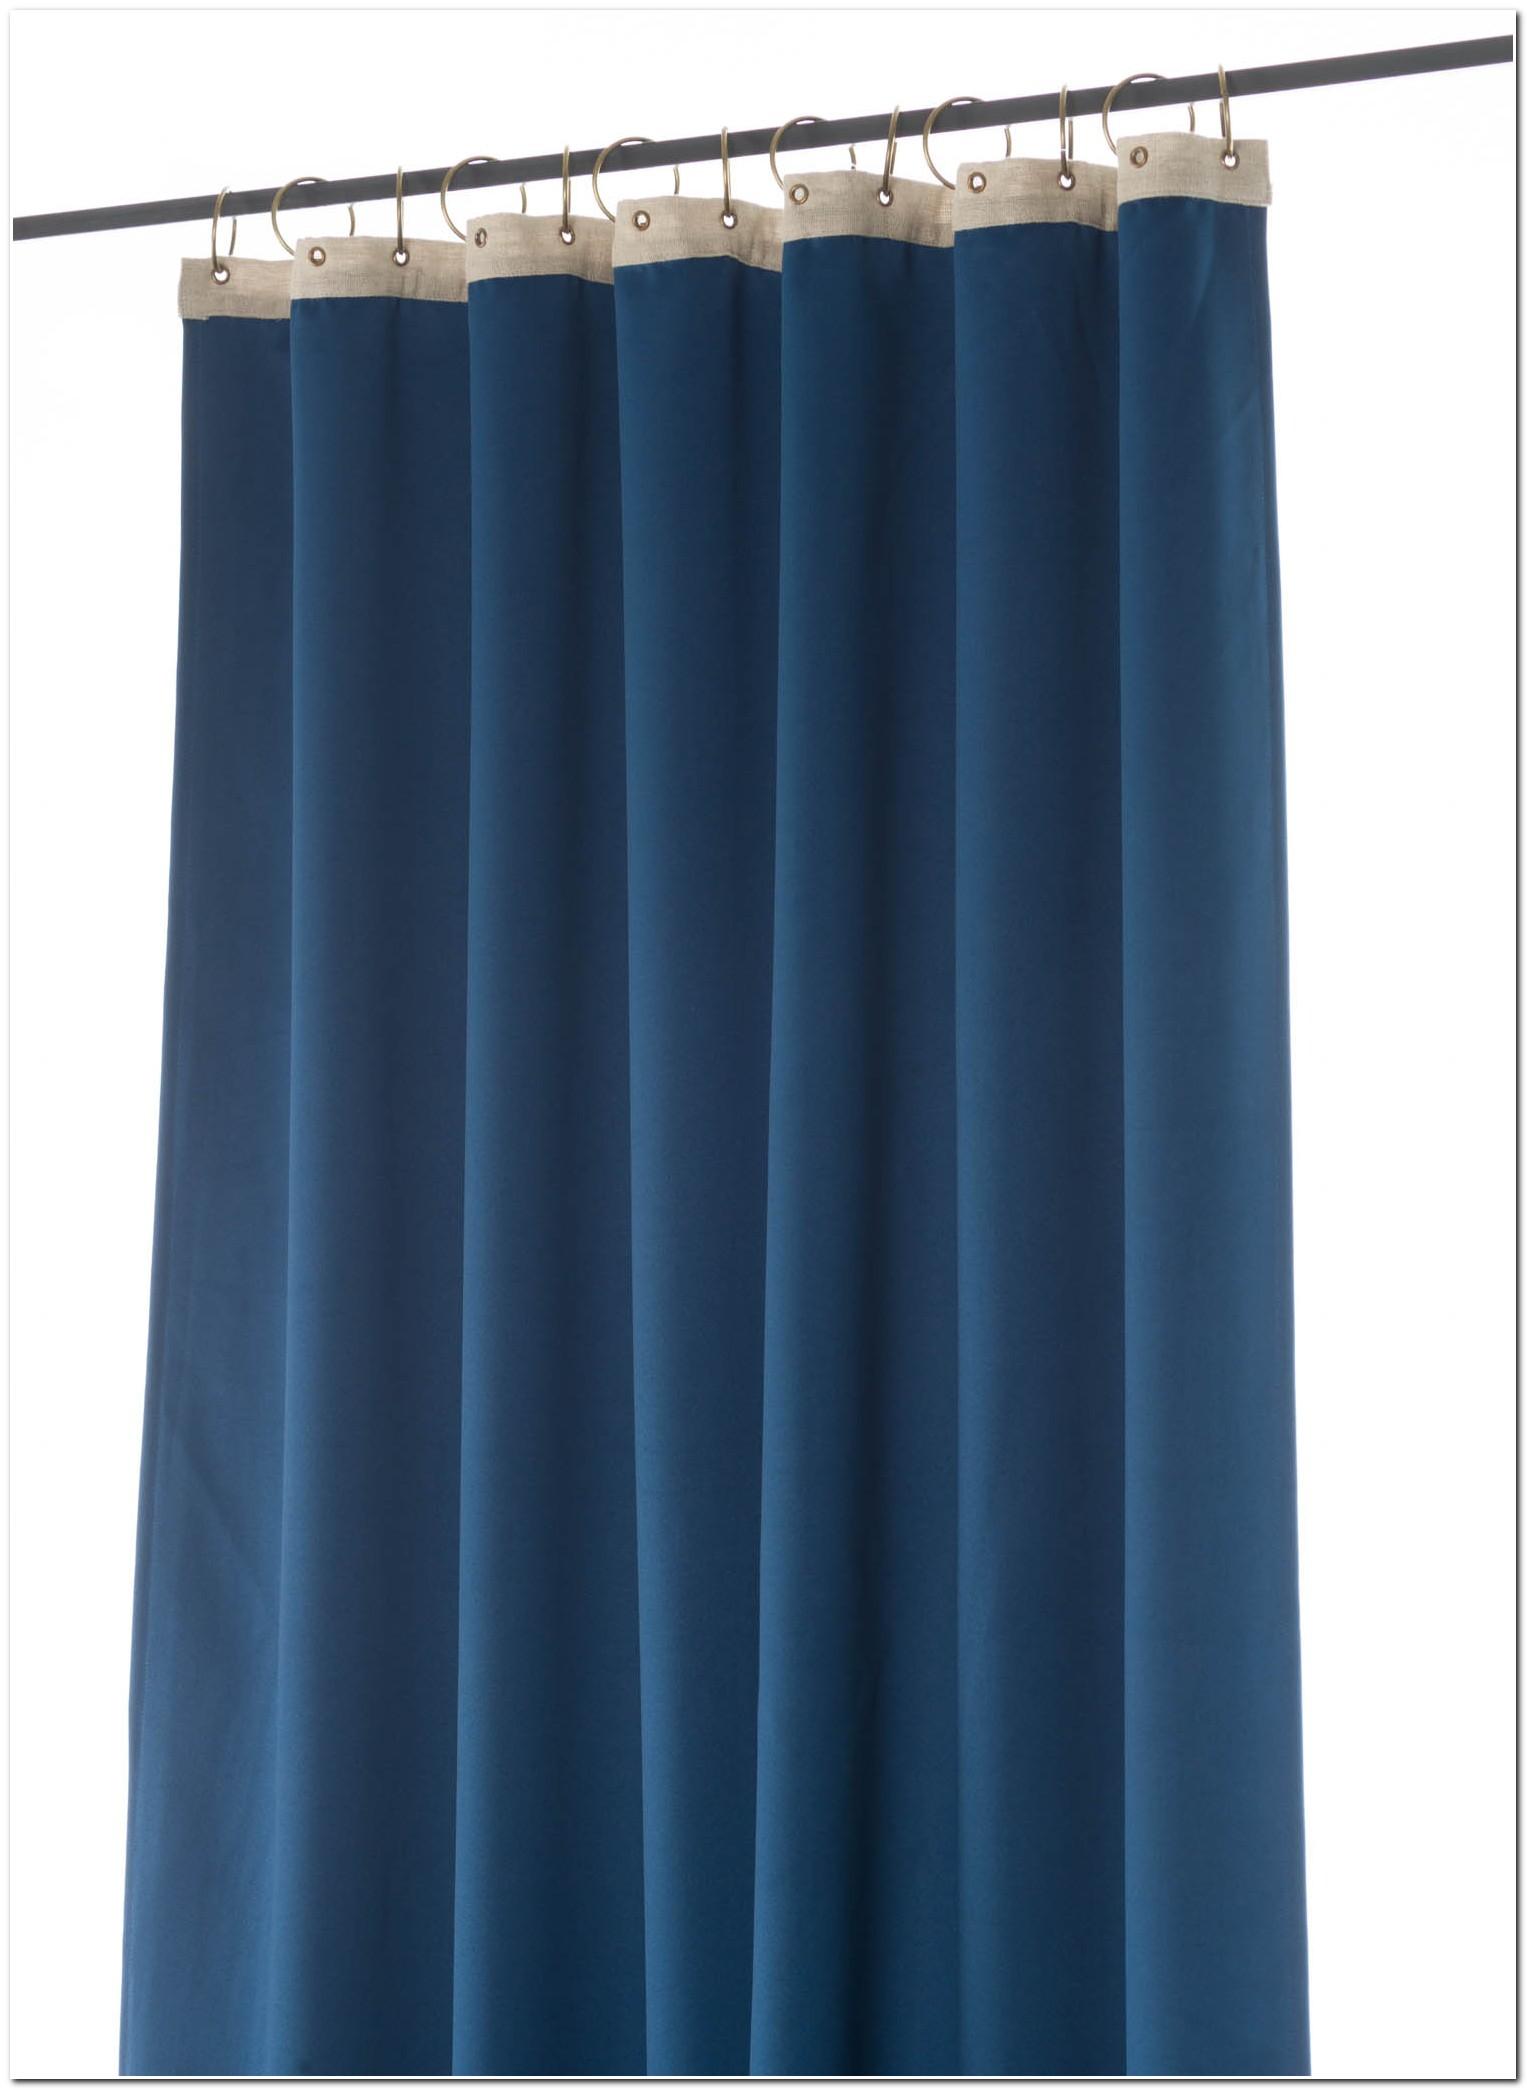 Rideaux Velours Bleu Nuit